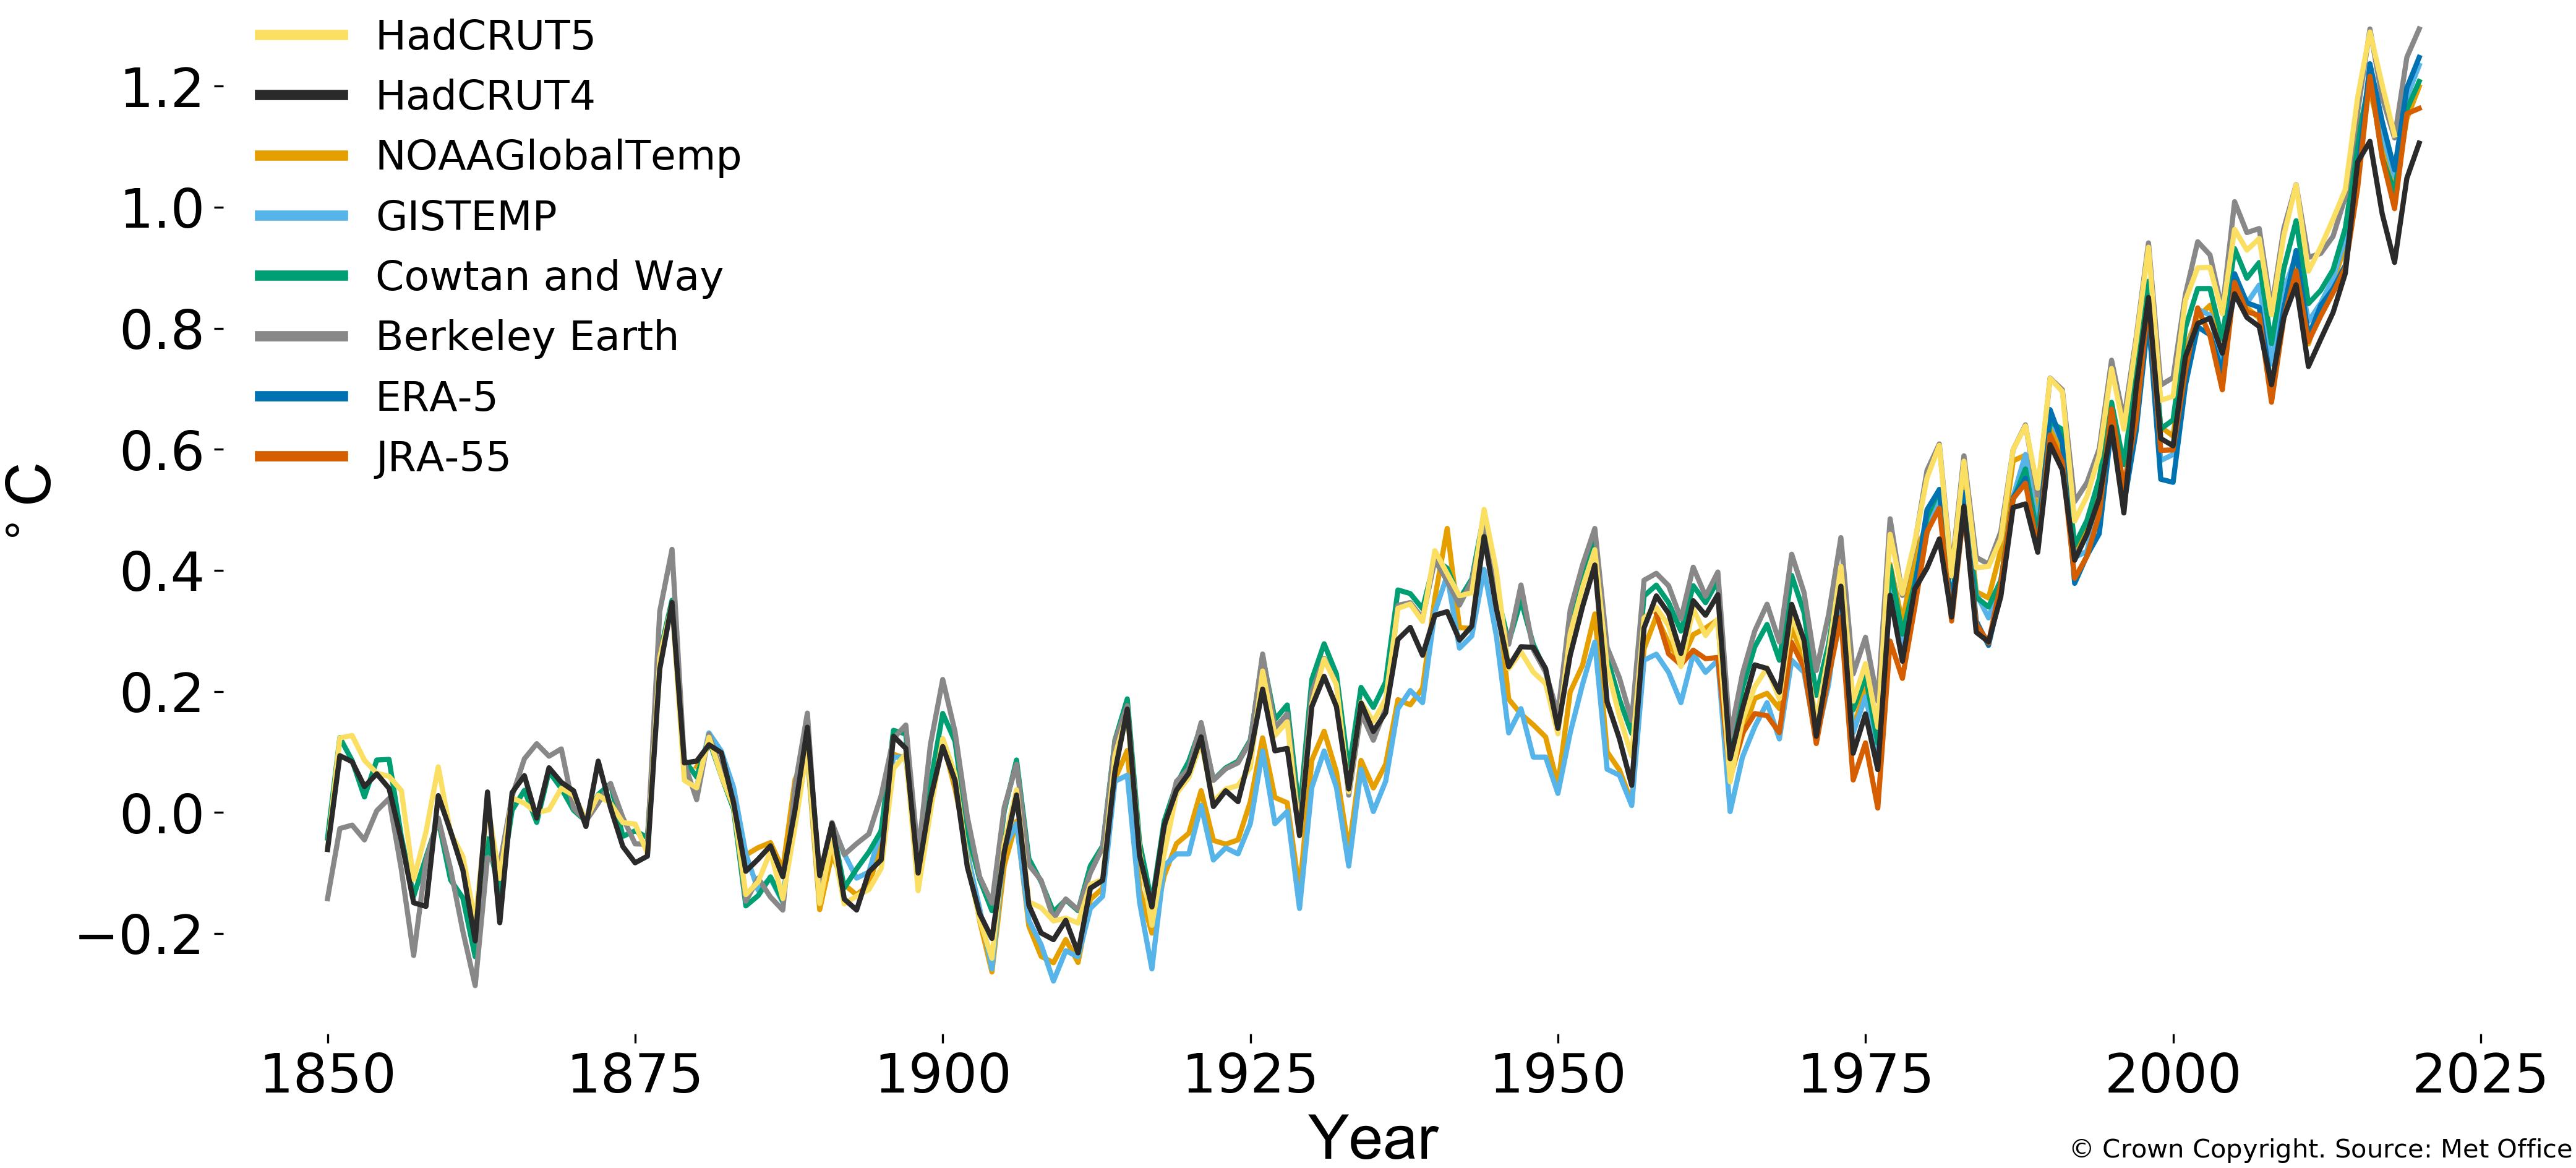 Wykres: Anomalia średniej temperatury powierzchni Ziemi, widoczny wyraźny wzrost temperatury, zwłaszcza na przełomie XX i XXI wieku.